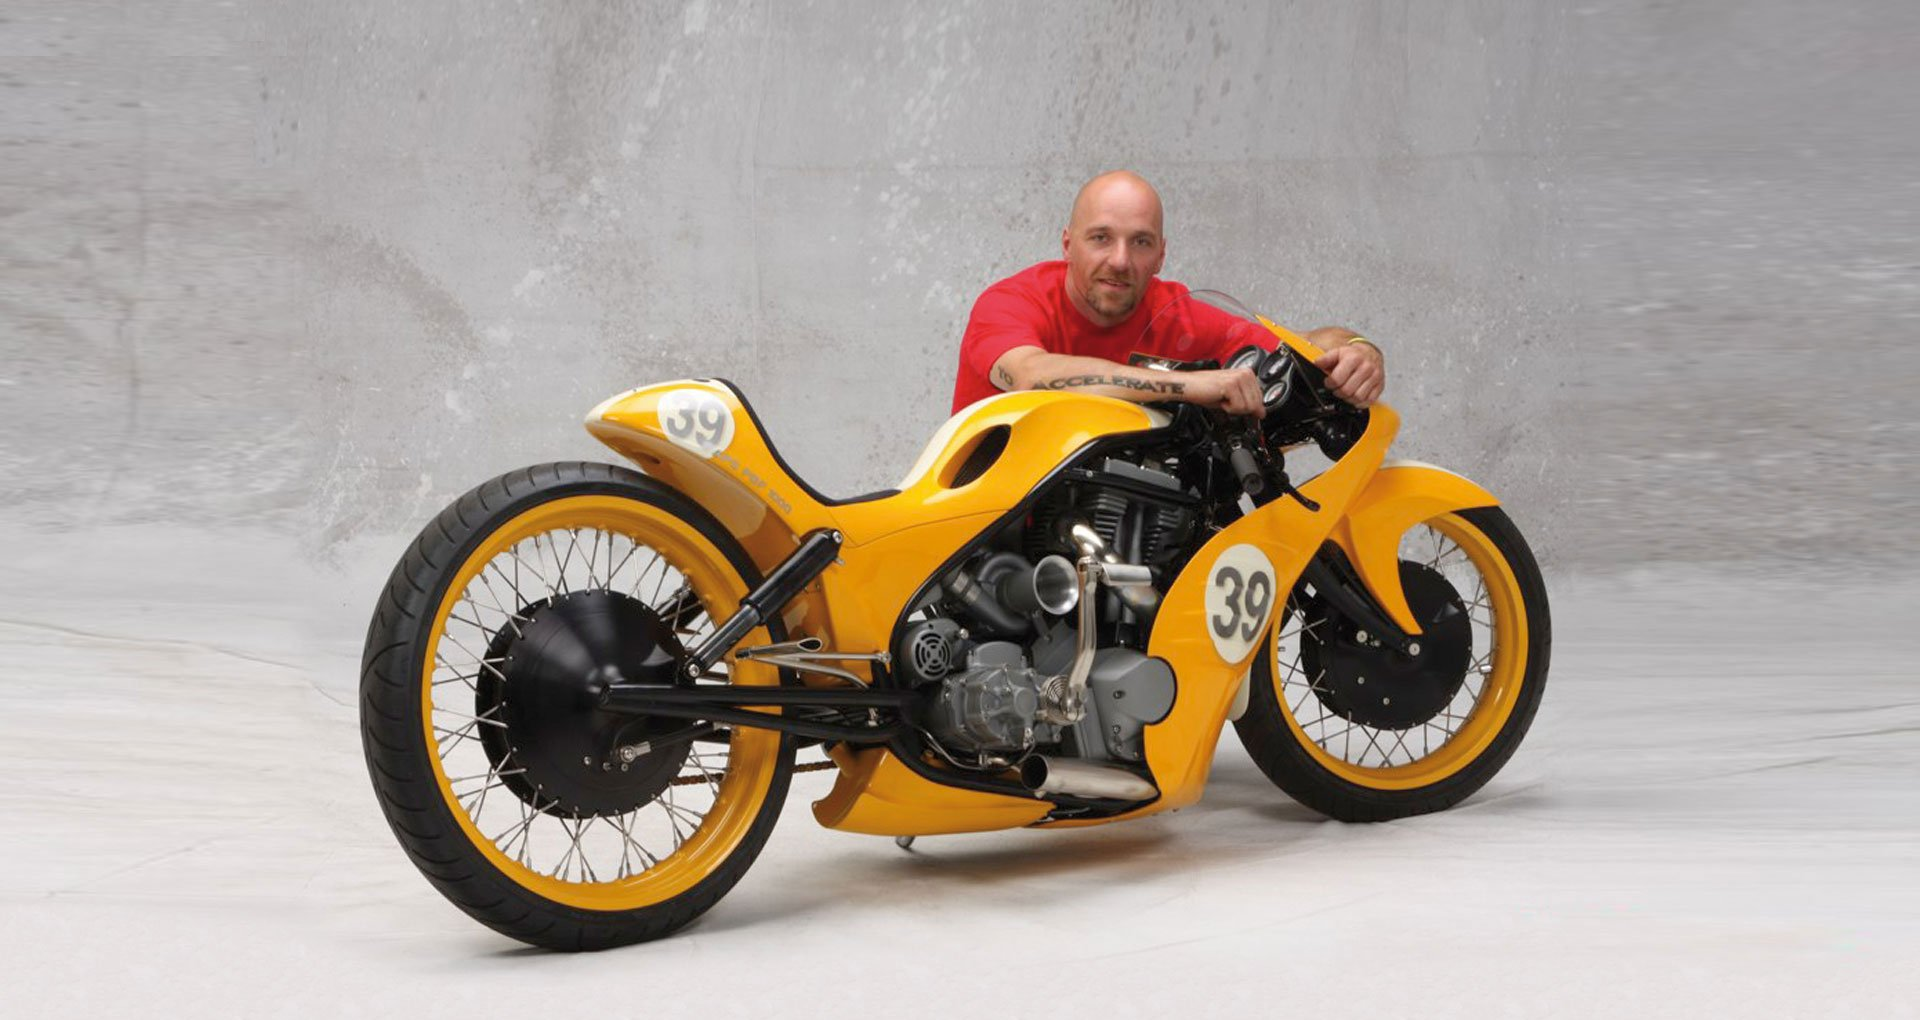 Goldammer, posiblemente el más polifacético constructor de motocicletas personalizadas del mundo, abrazado a una de sus creaciones: la Goldmember